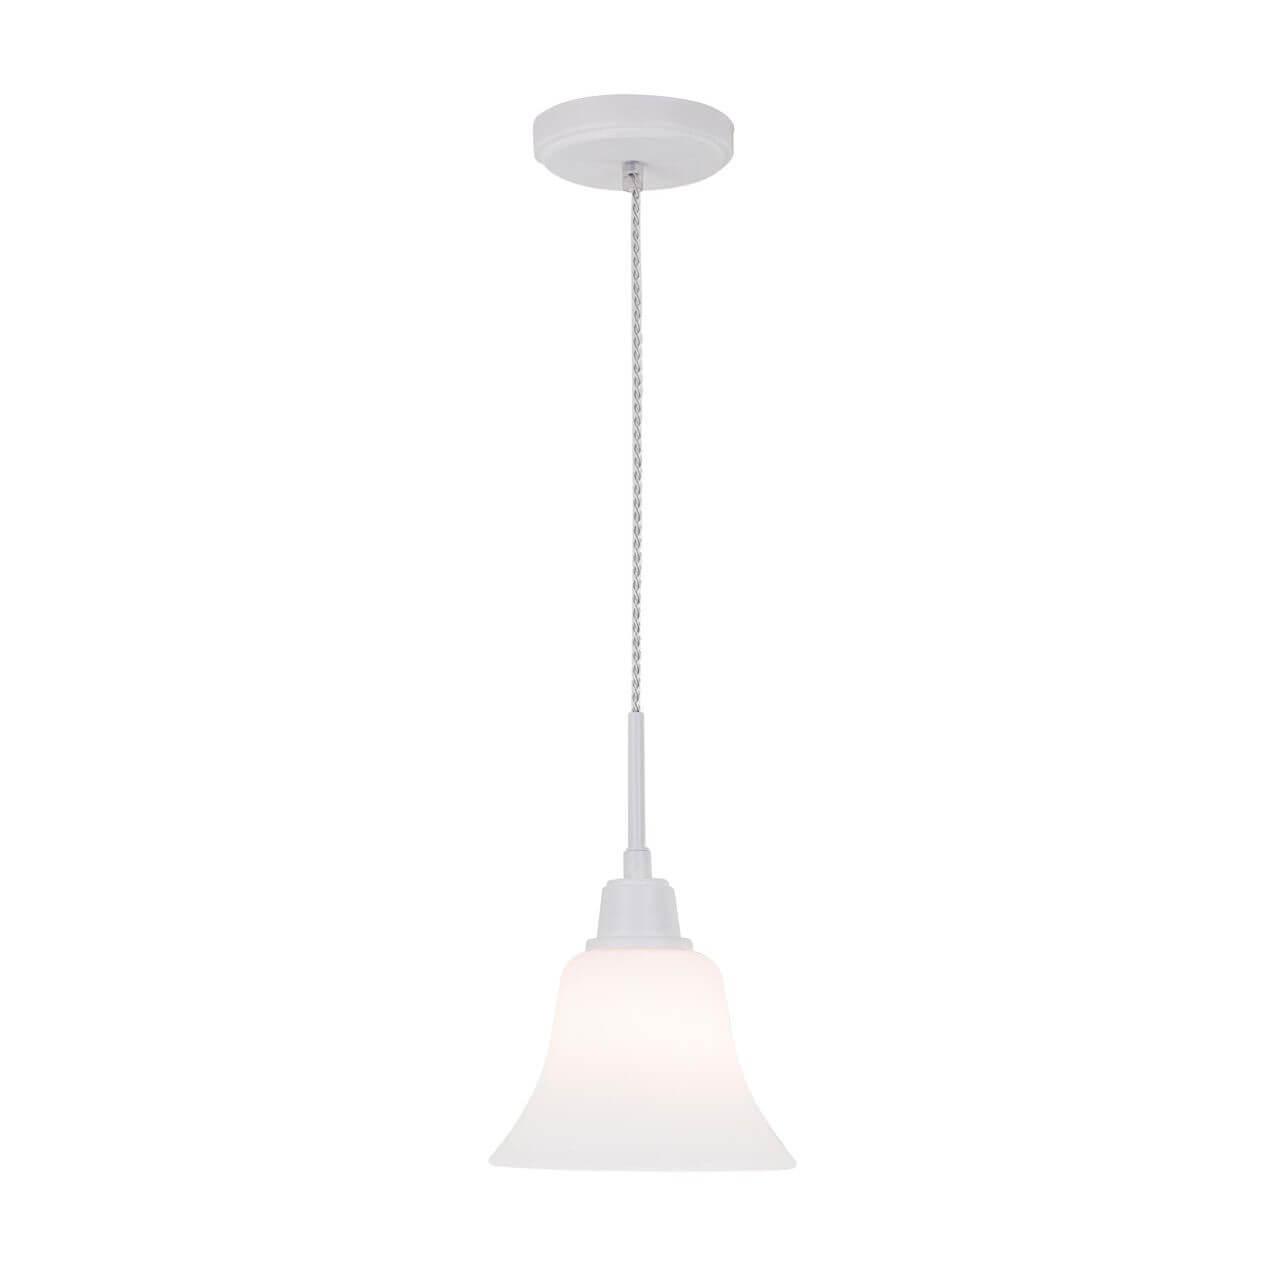 Светильник Citilux CL560110 Модерн Белый citilux подвесной светильник citilux модерн cl560111